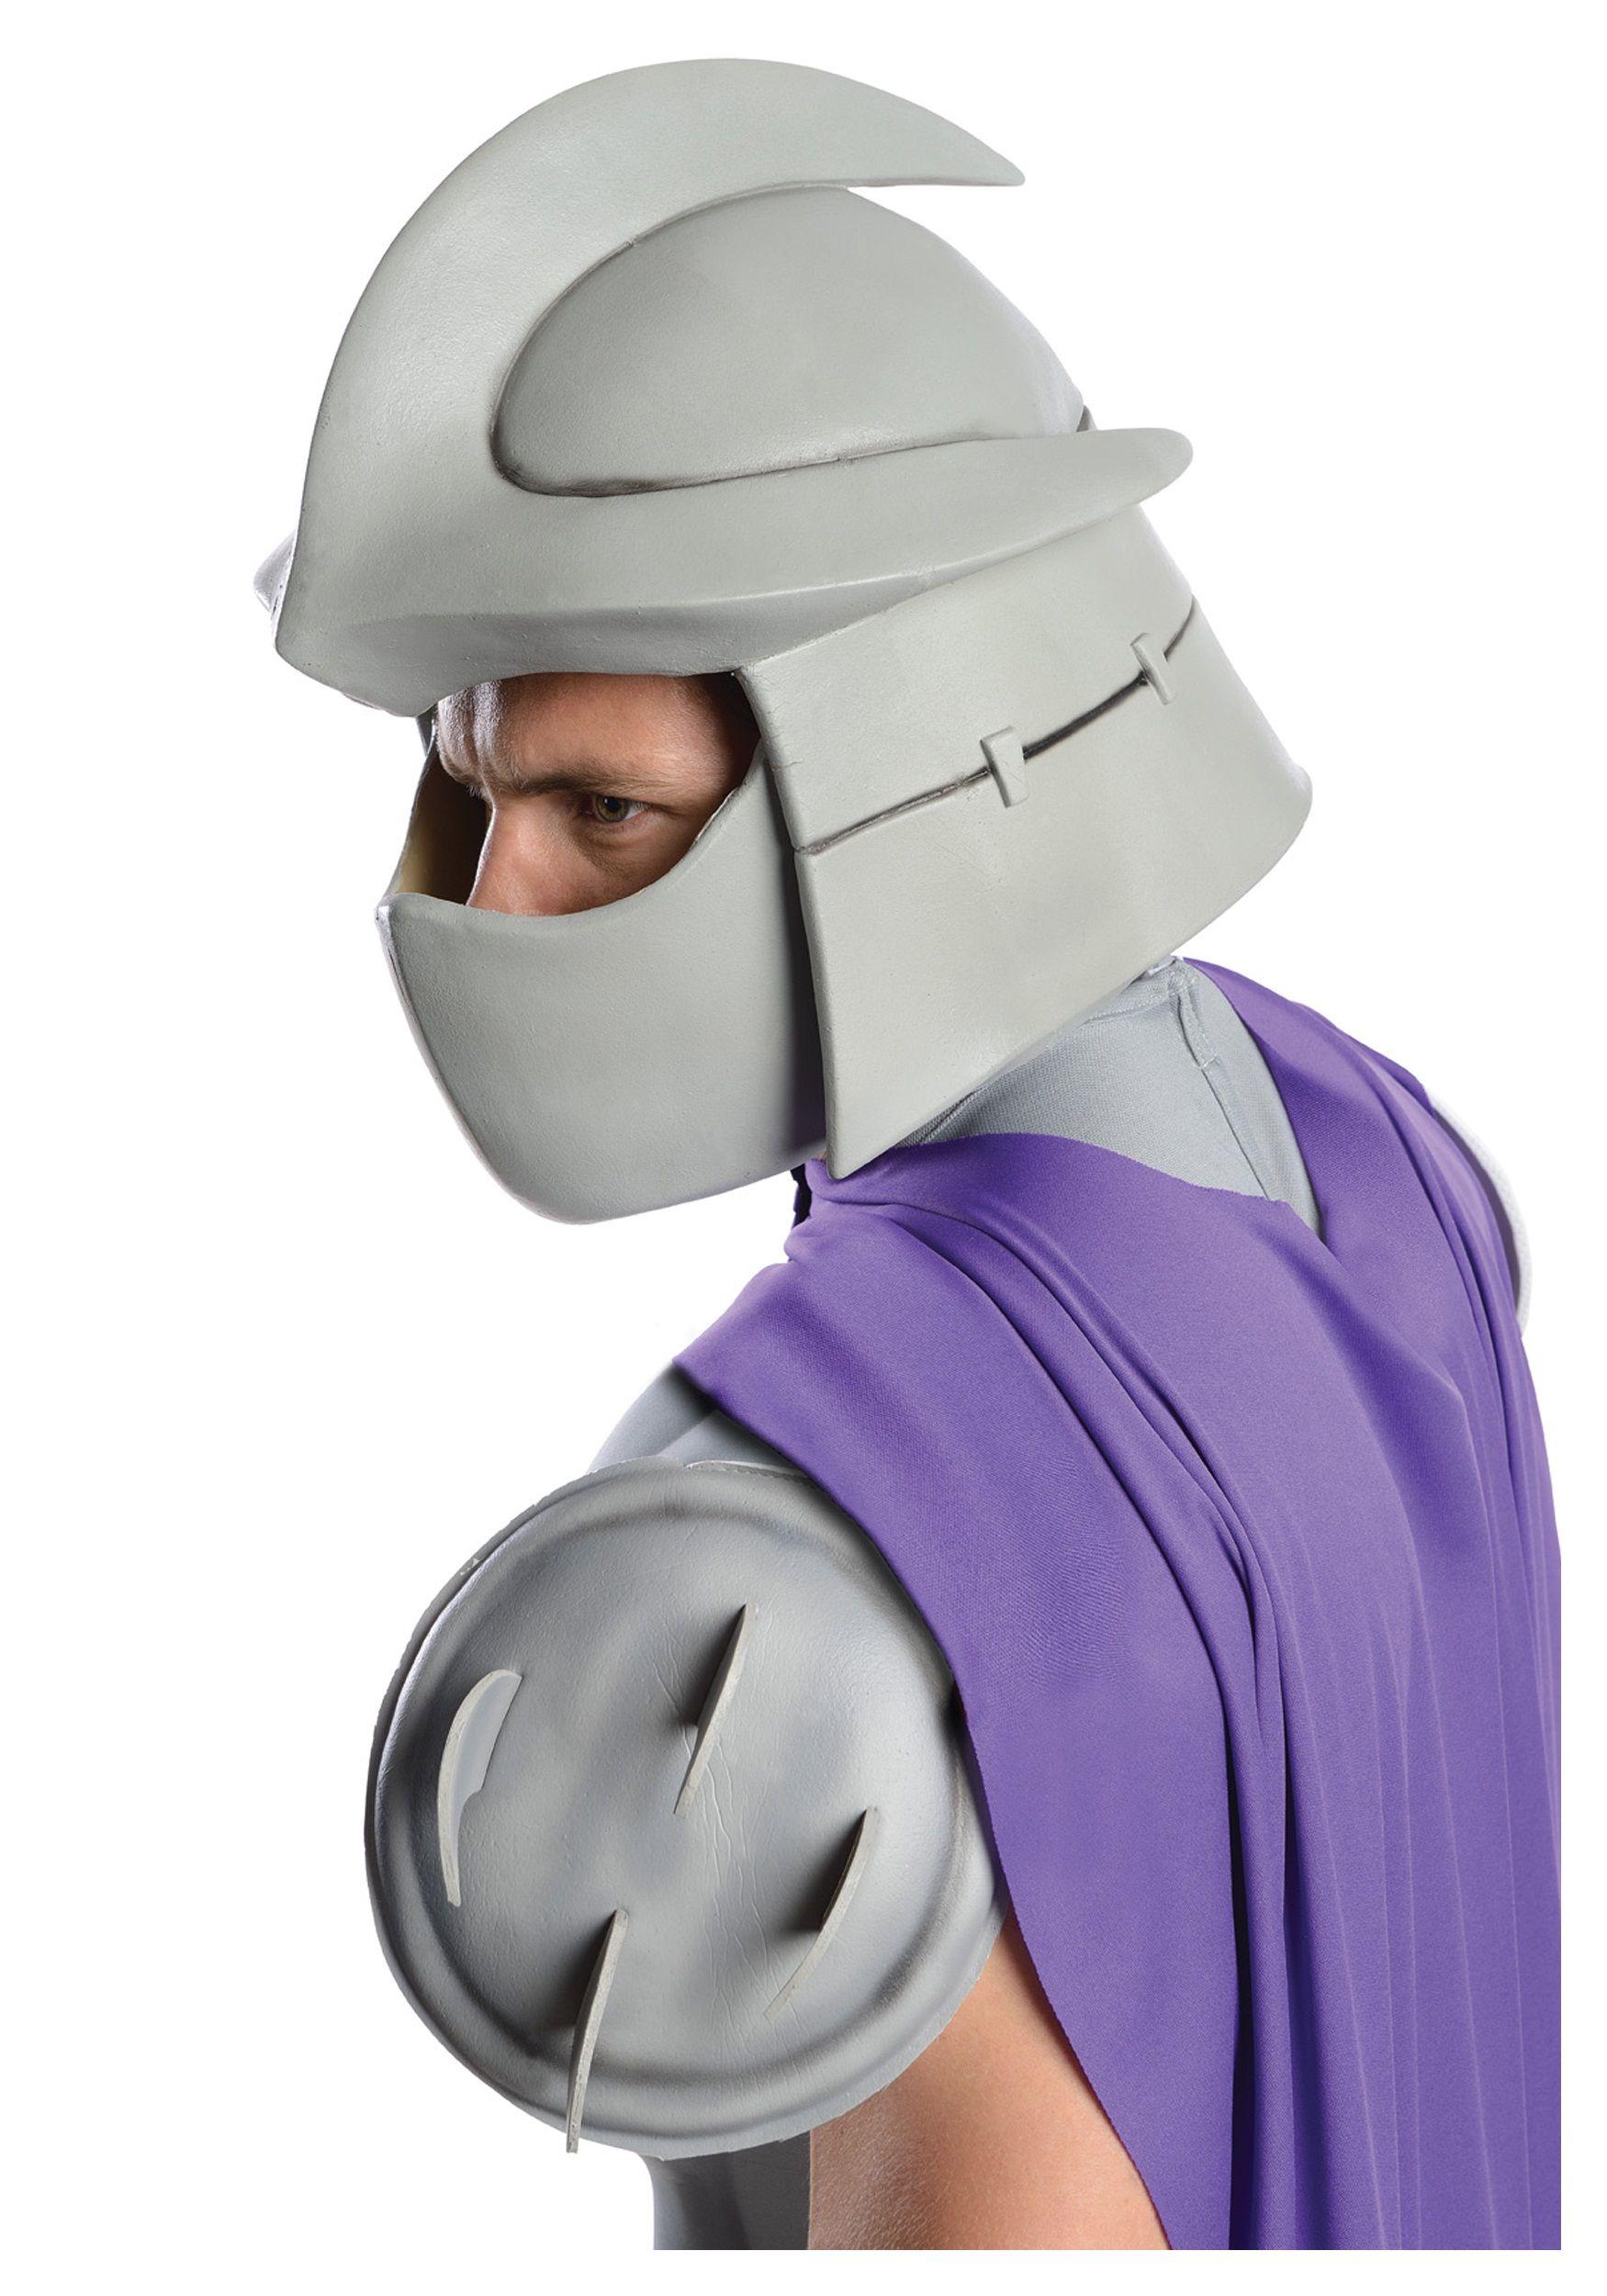 shredder costume for kids - Google Search  sc 1 st  Pinterest & shredder costume for kids - Google Search | Halloween 2014 ...